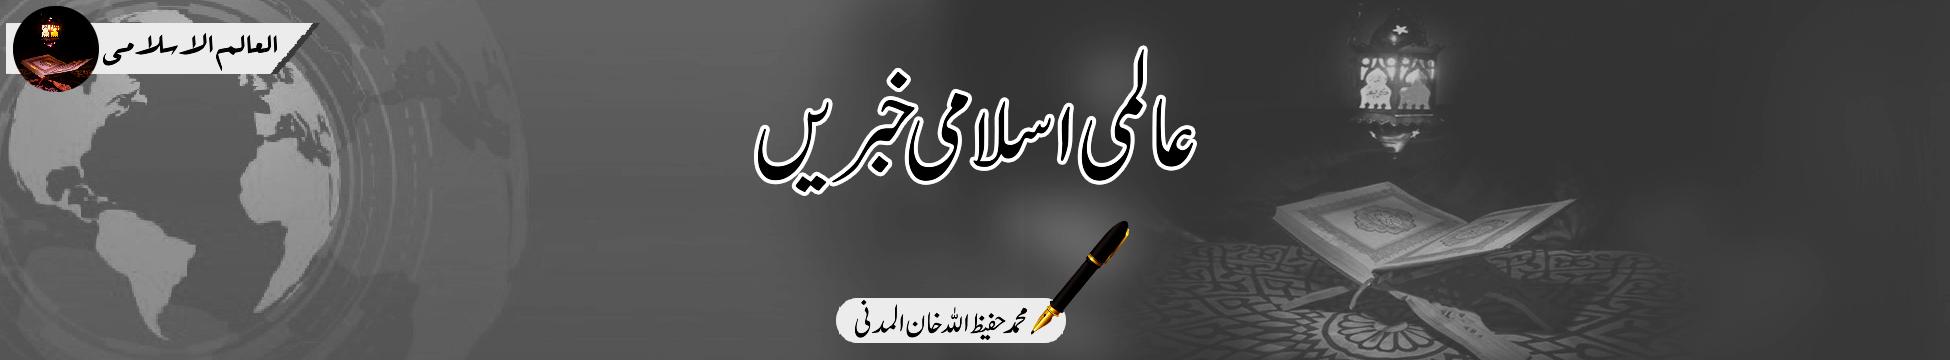 عالمی اسلامی خبریں۔ محمد حفیظ اللہ خان المدنی